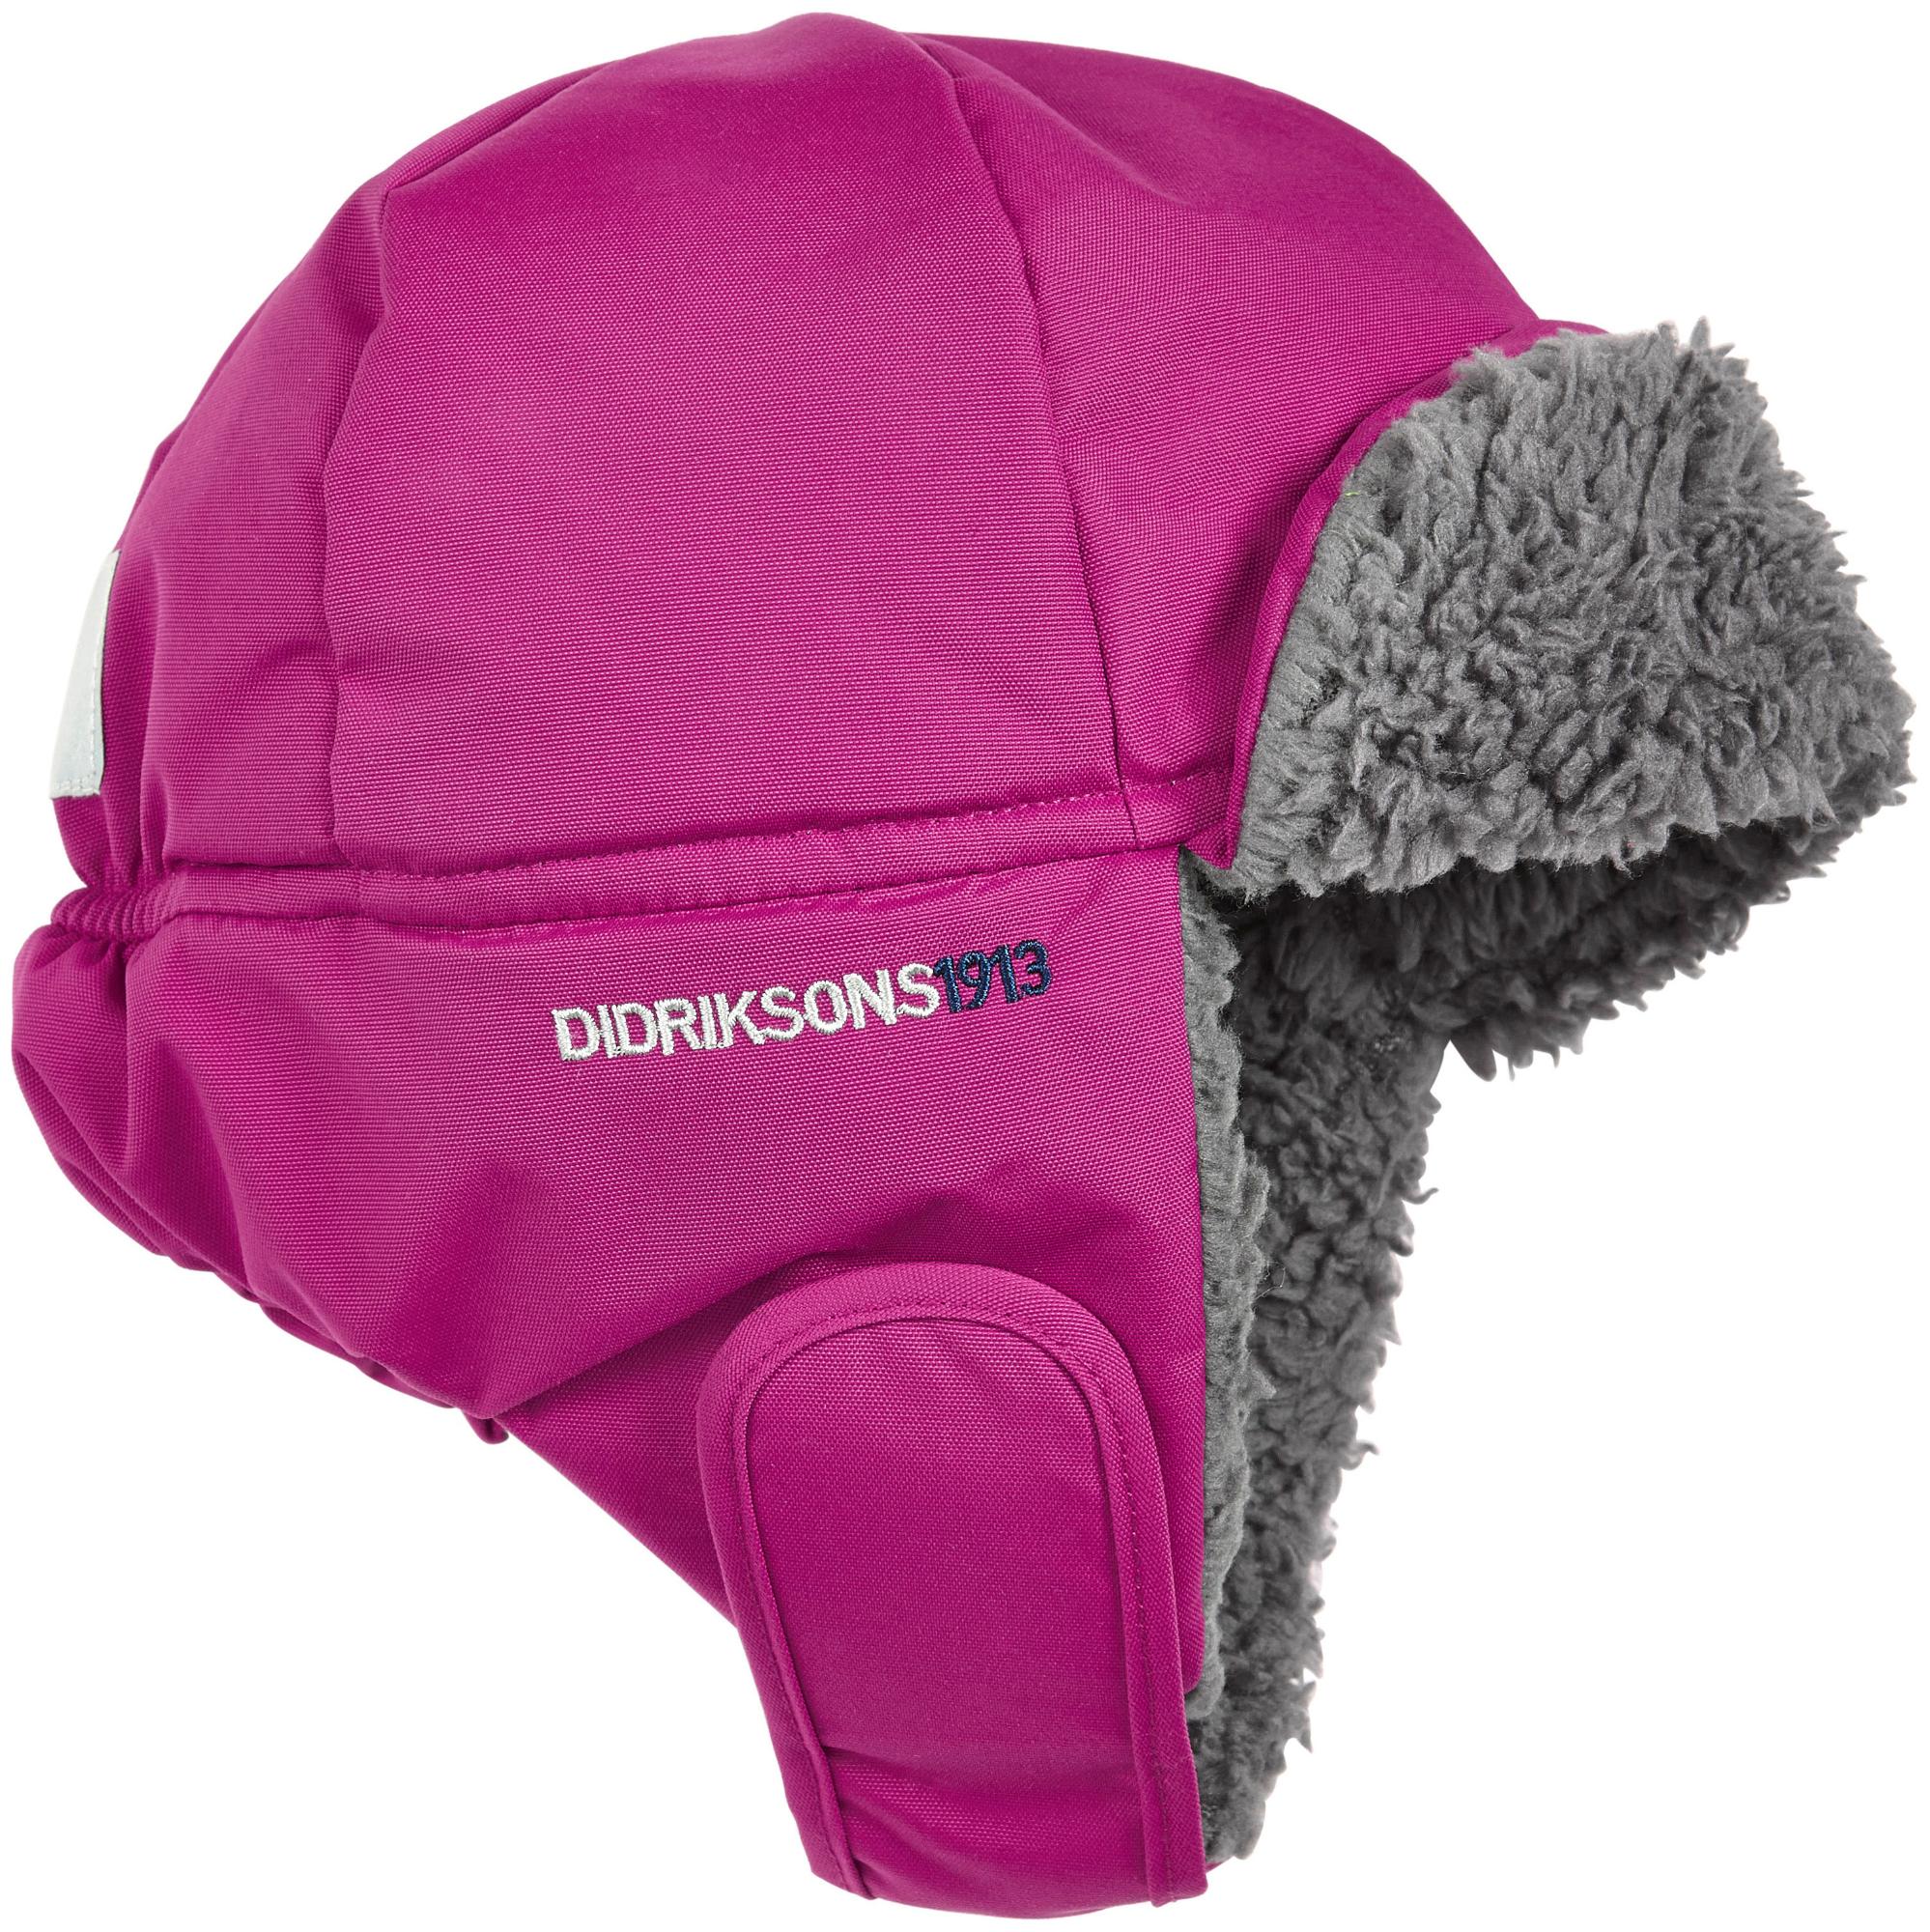 Didriksons Biggles Kids Cap - Hue - Lilla | Headwear